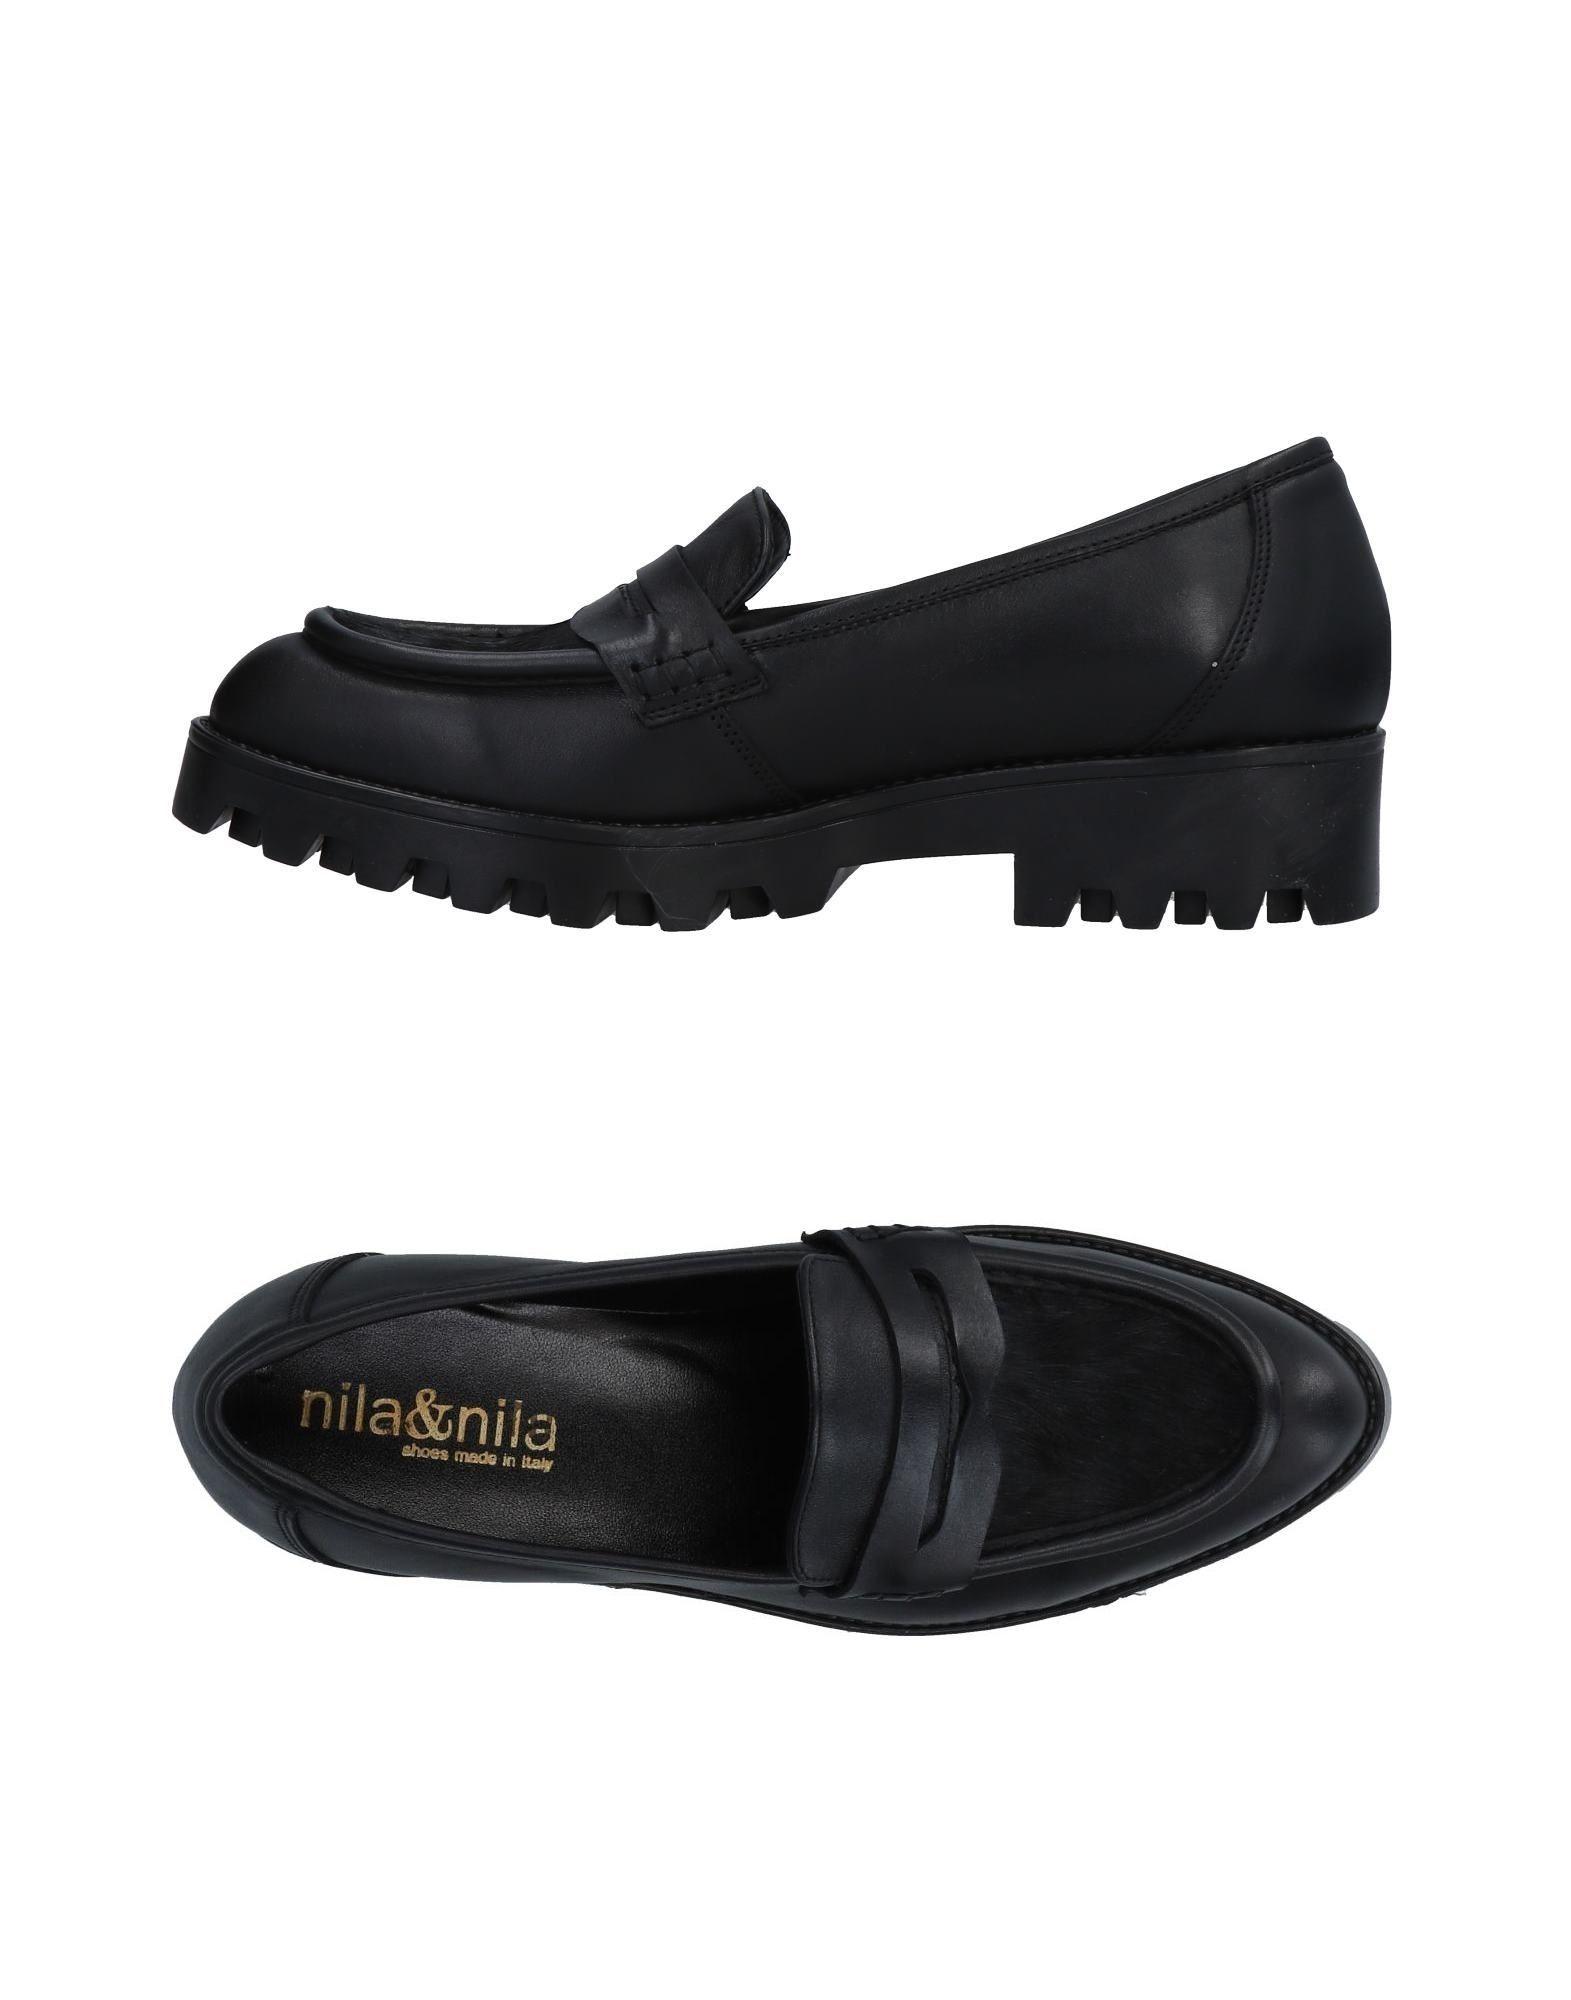 Nila & Nila Mokassins Damen  11478746OO Gute Qualität beliebte Schuhe